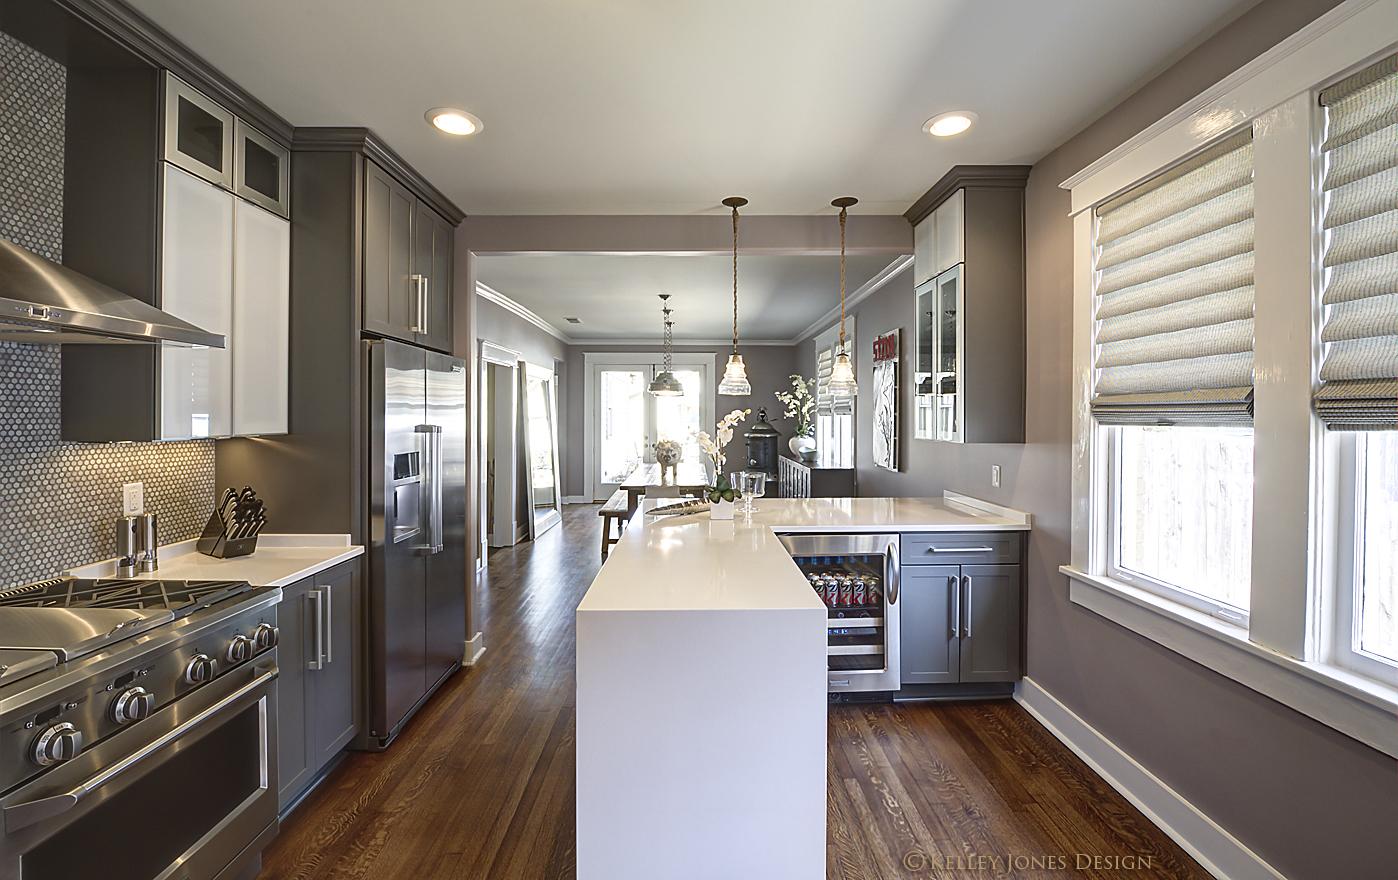 5_memphis-midtown-kitchen-remodel-before-after-kelley-jones-design.jpg